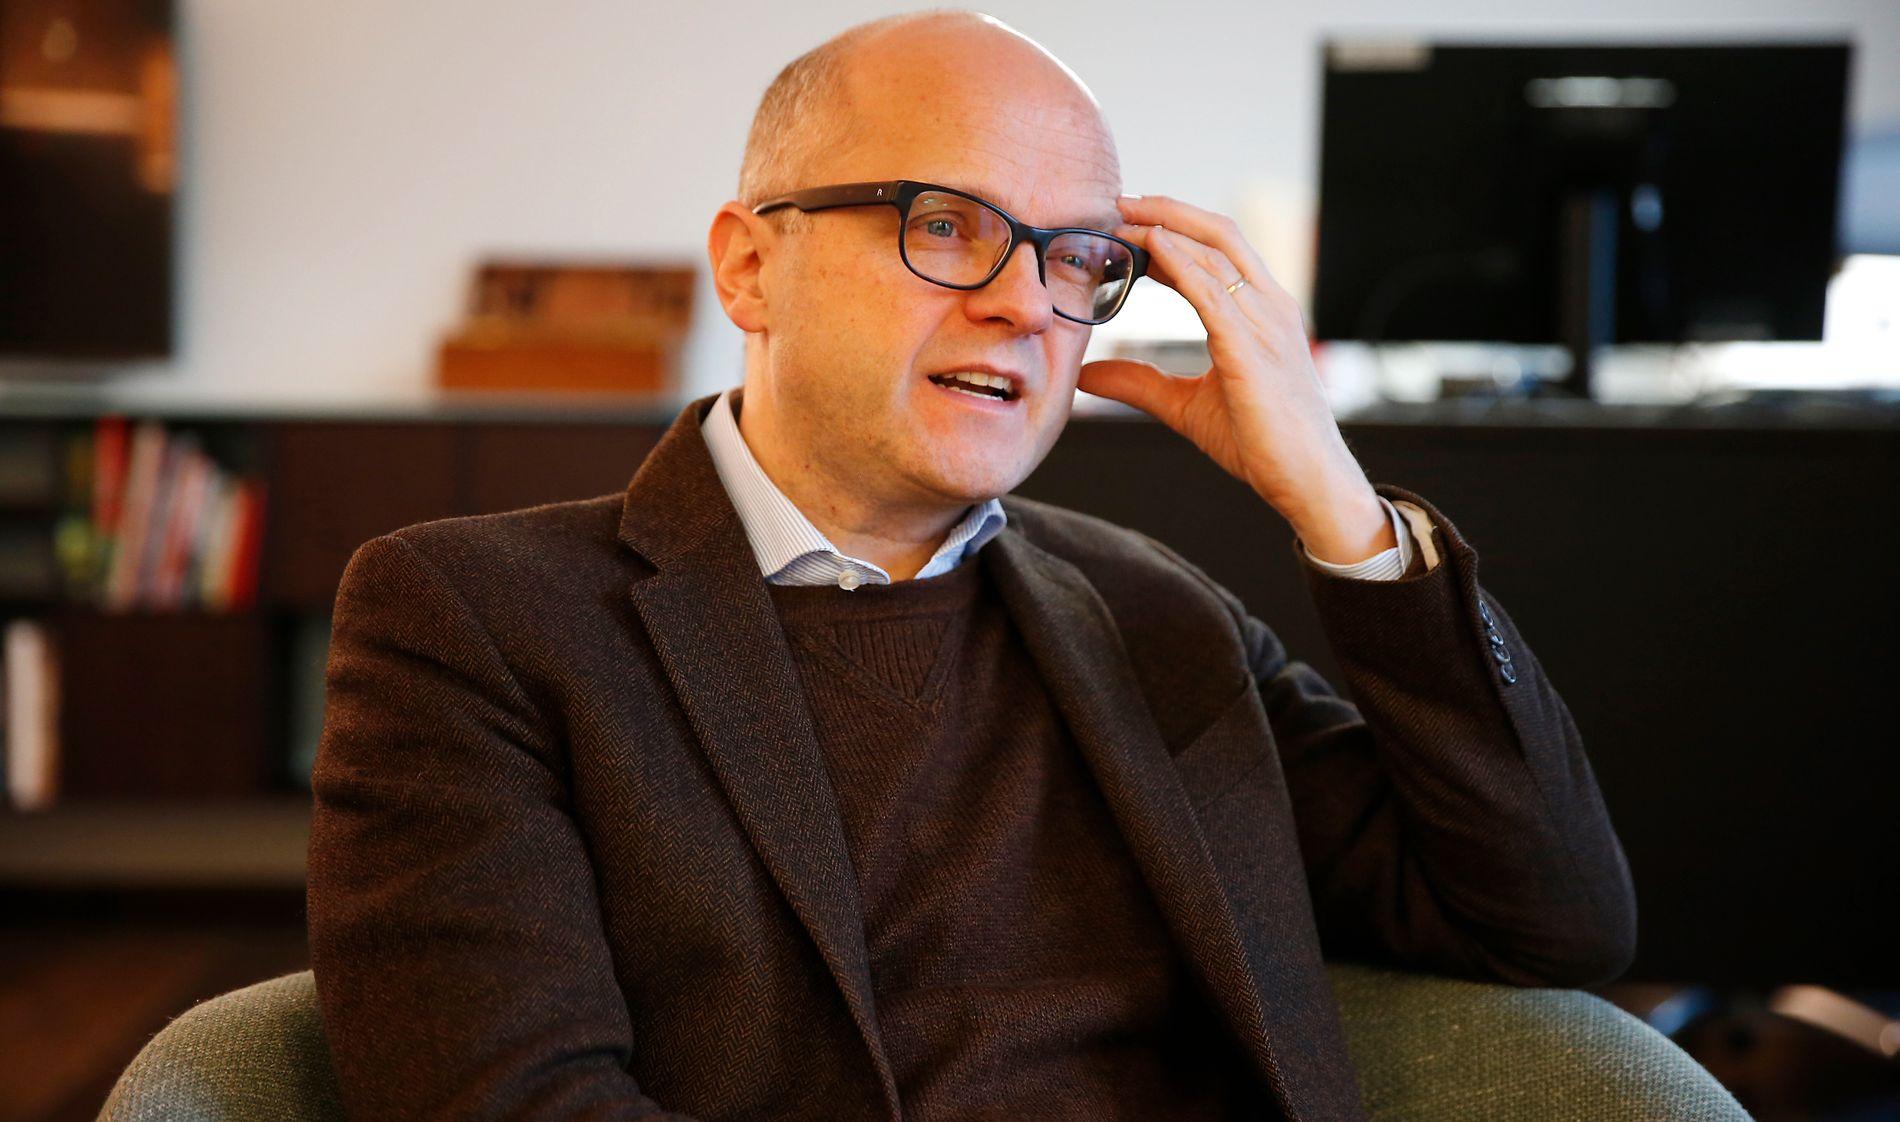 DÅRLIG KLIMA: Klimaminister Vidar Helgesen opplever motvind fra alle kanter, inkludert fra egne Høyrevelgere i ulvesaken, viser VG/Infacts tillitsmåling.